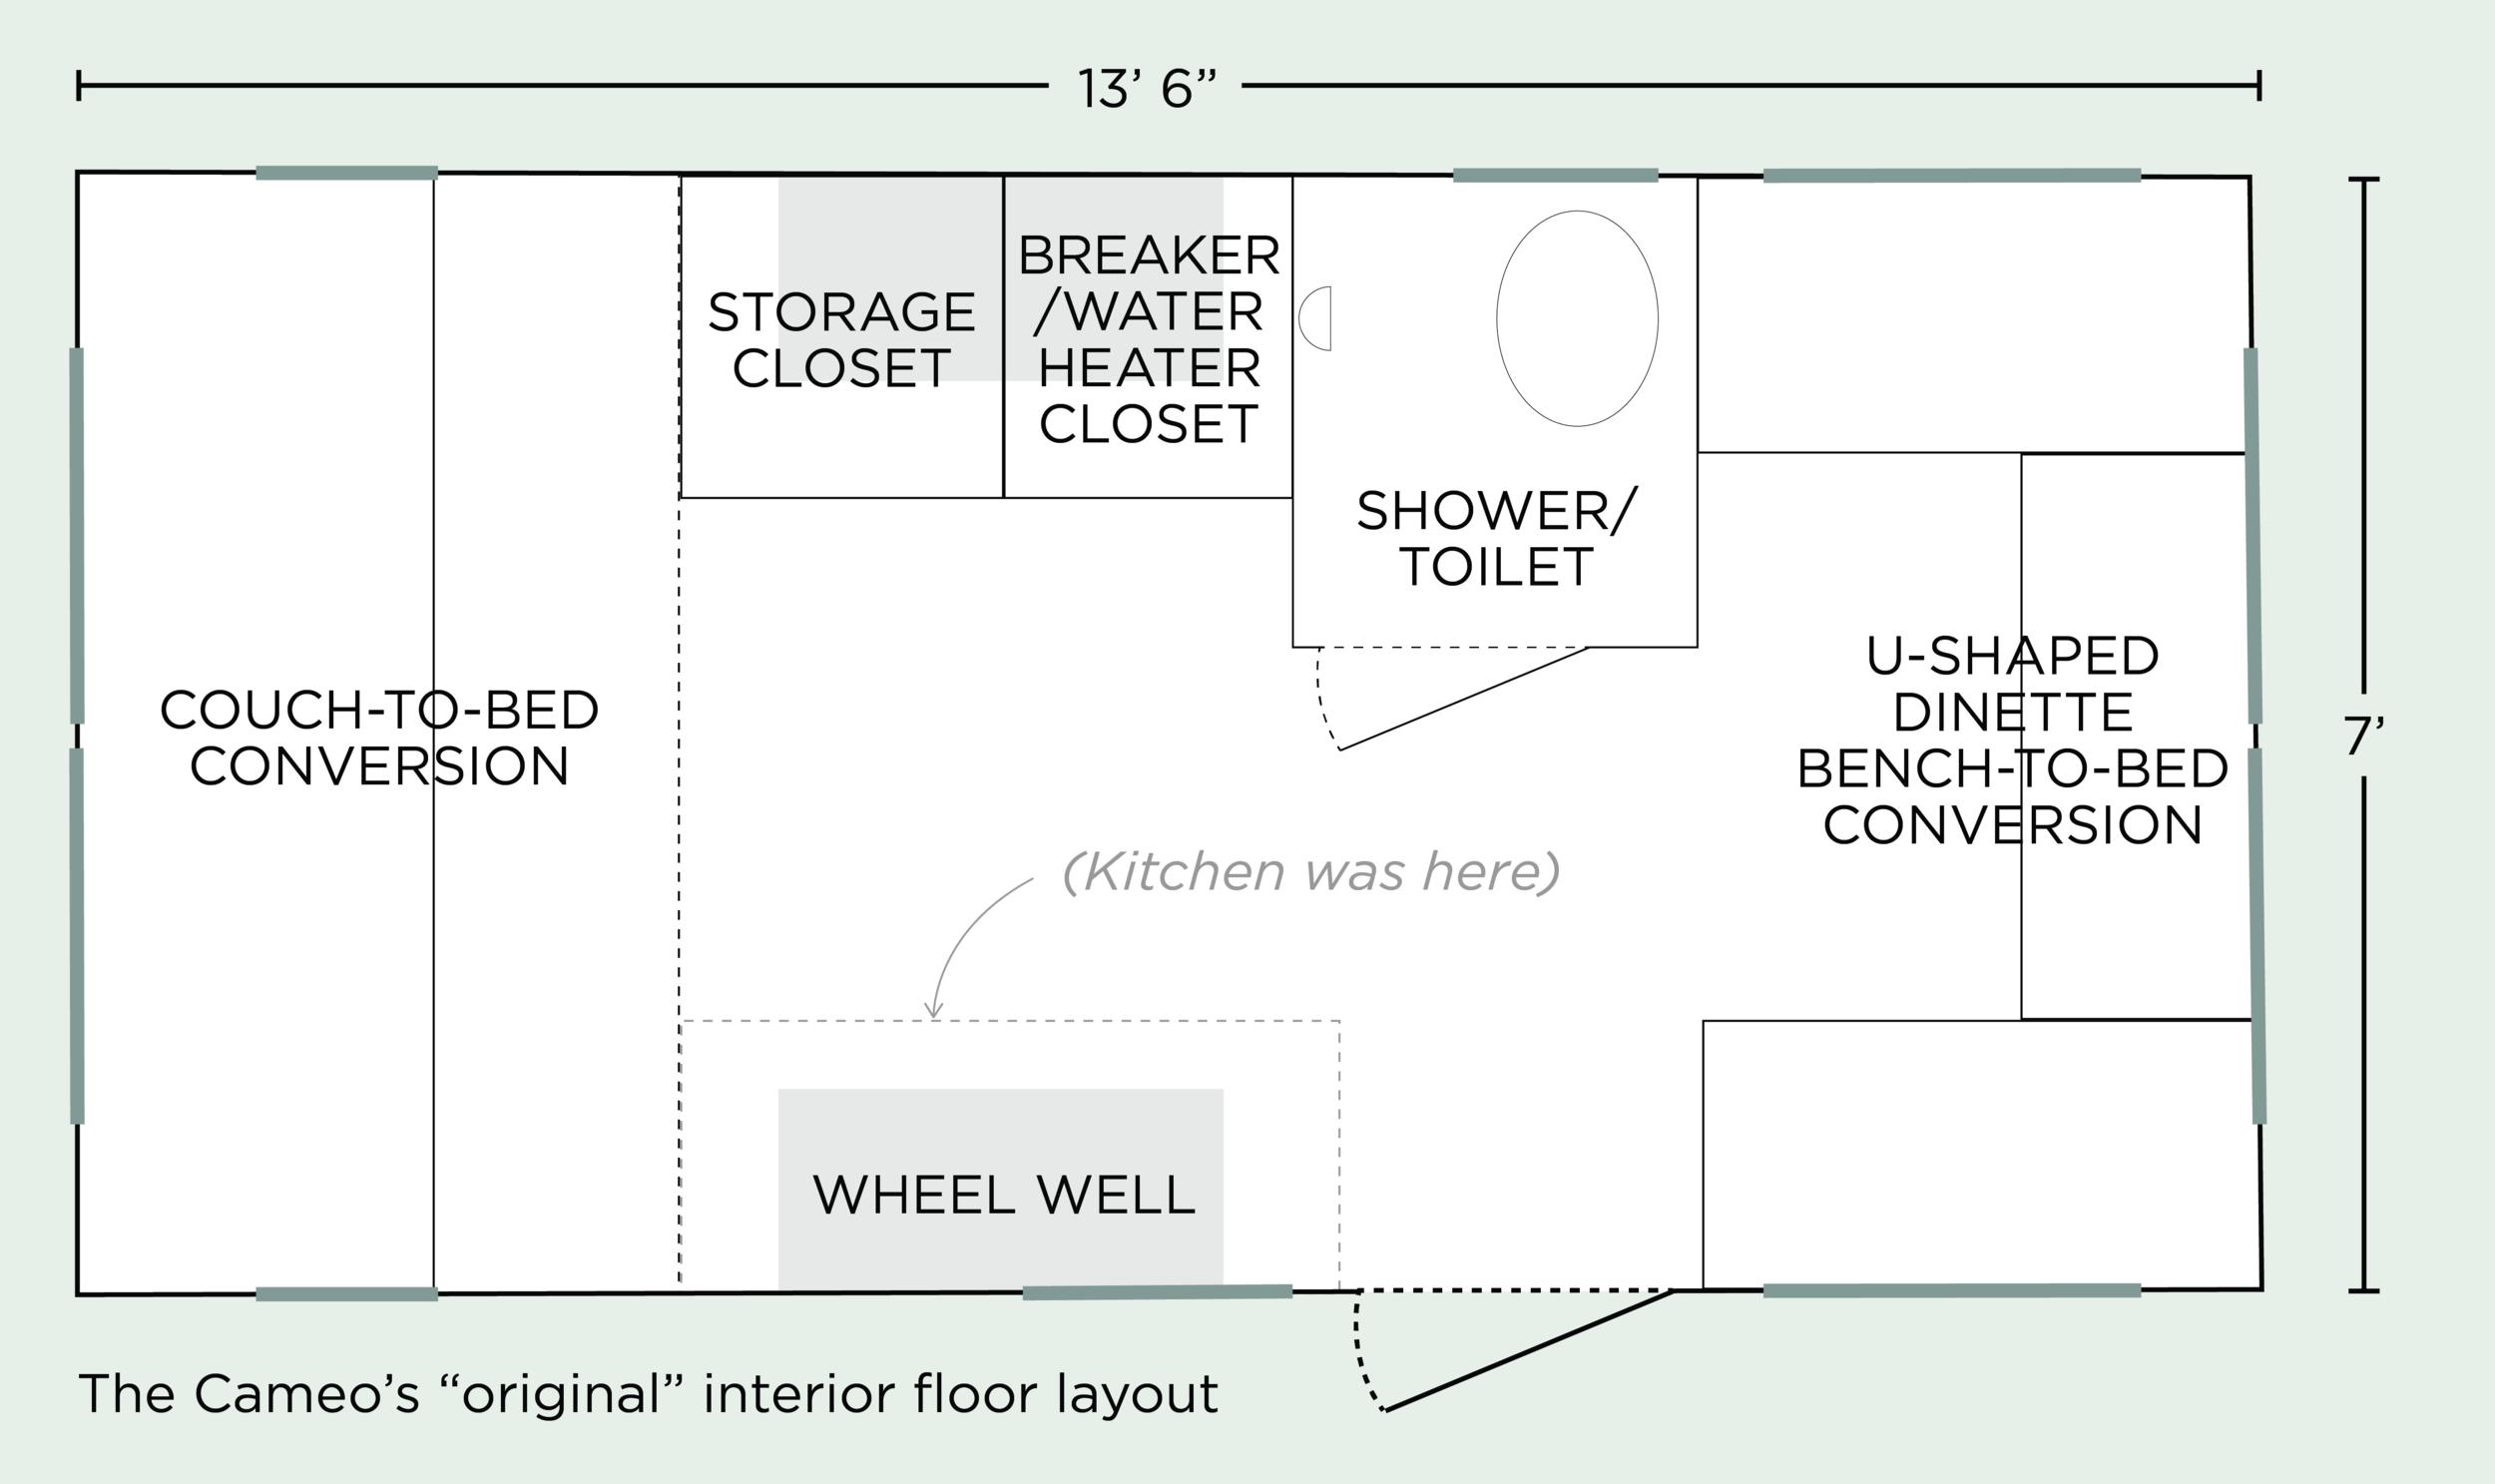 loneoakdesignco-cameo-floor-plan-original.png